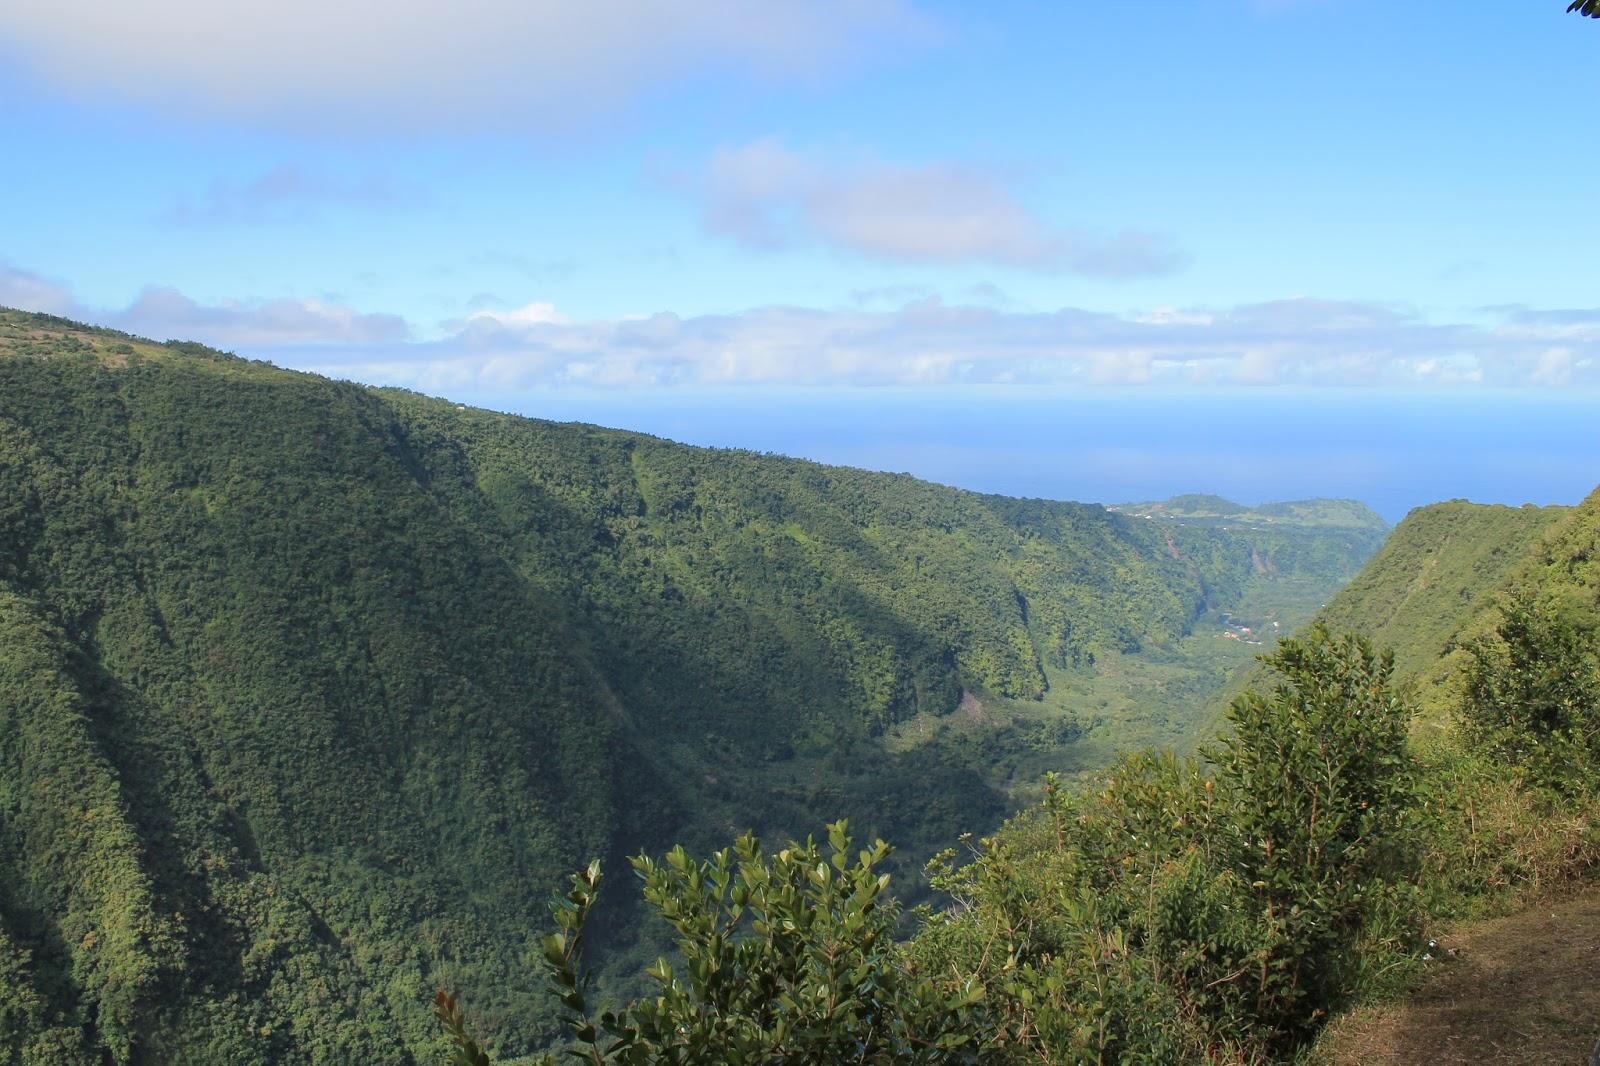 réunion île gotoreunion labyrinthe en champ thé tea grand coude visite à faire jumbocar irt tourisme 974 panorama point de vue rivière langevin ramparts